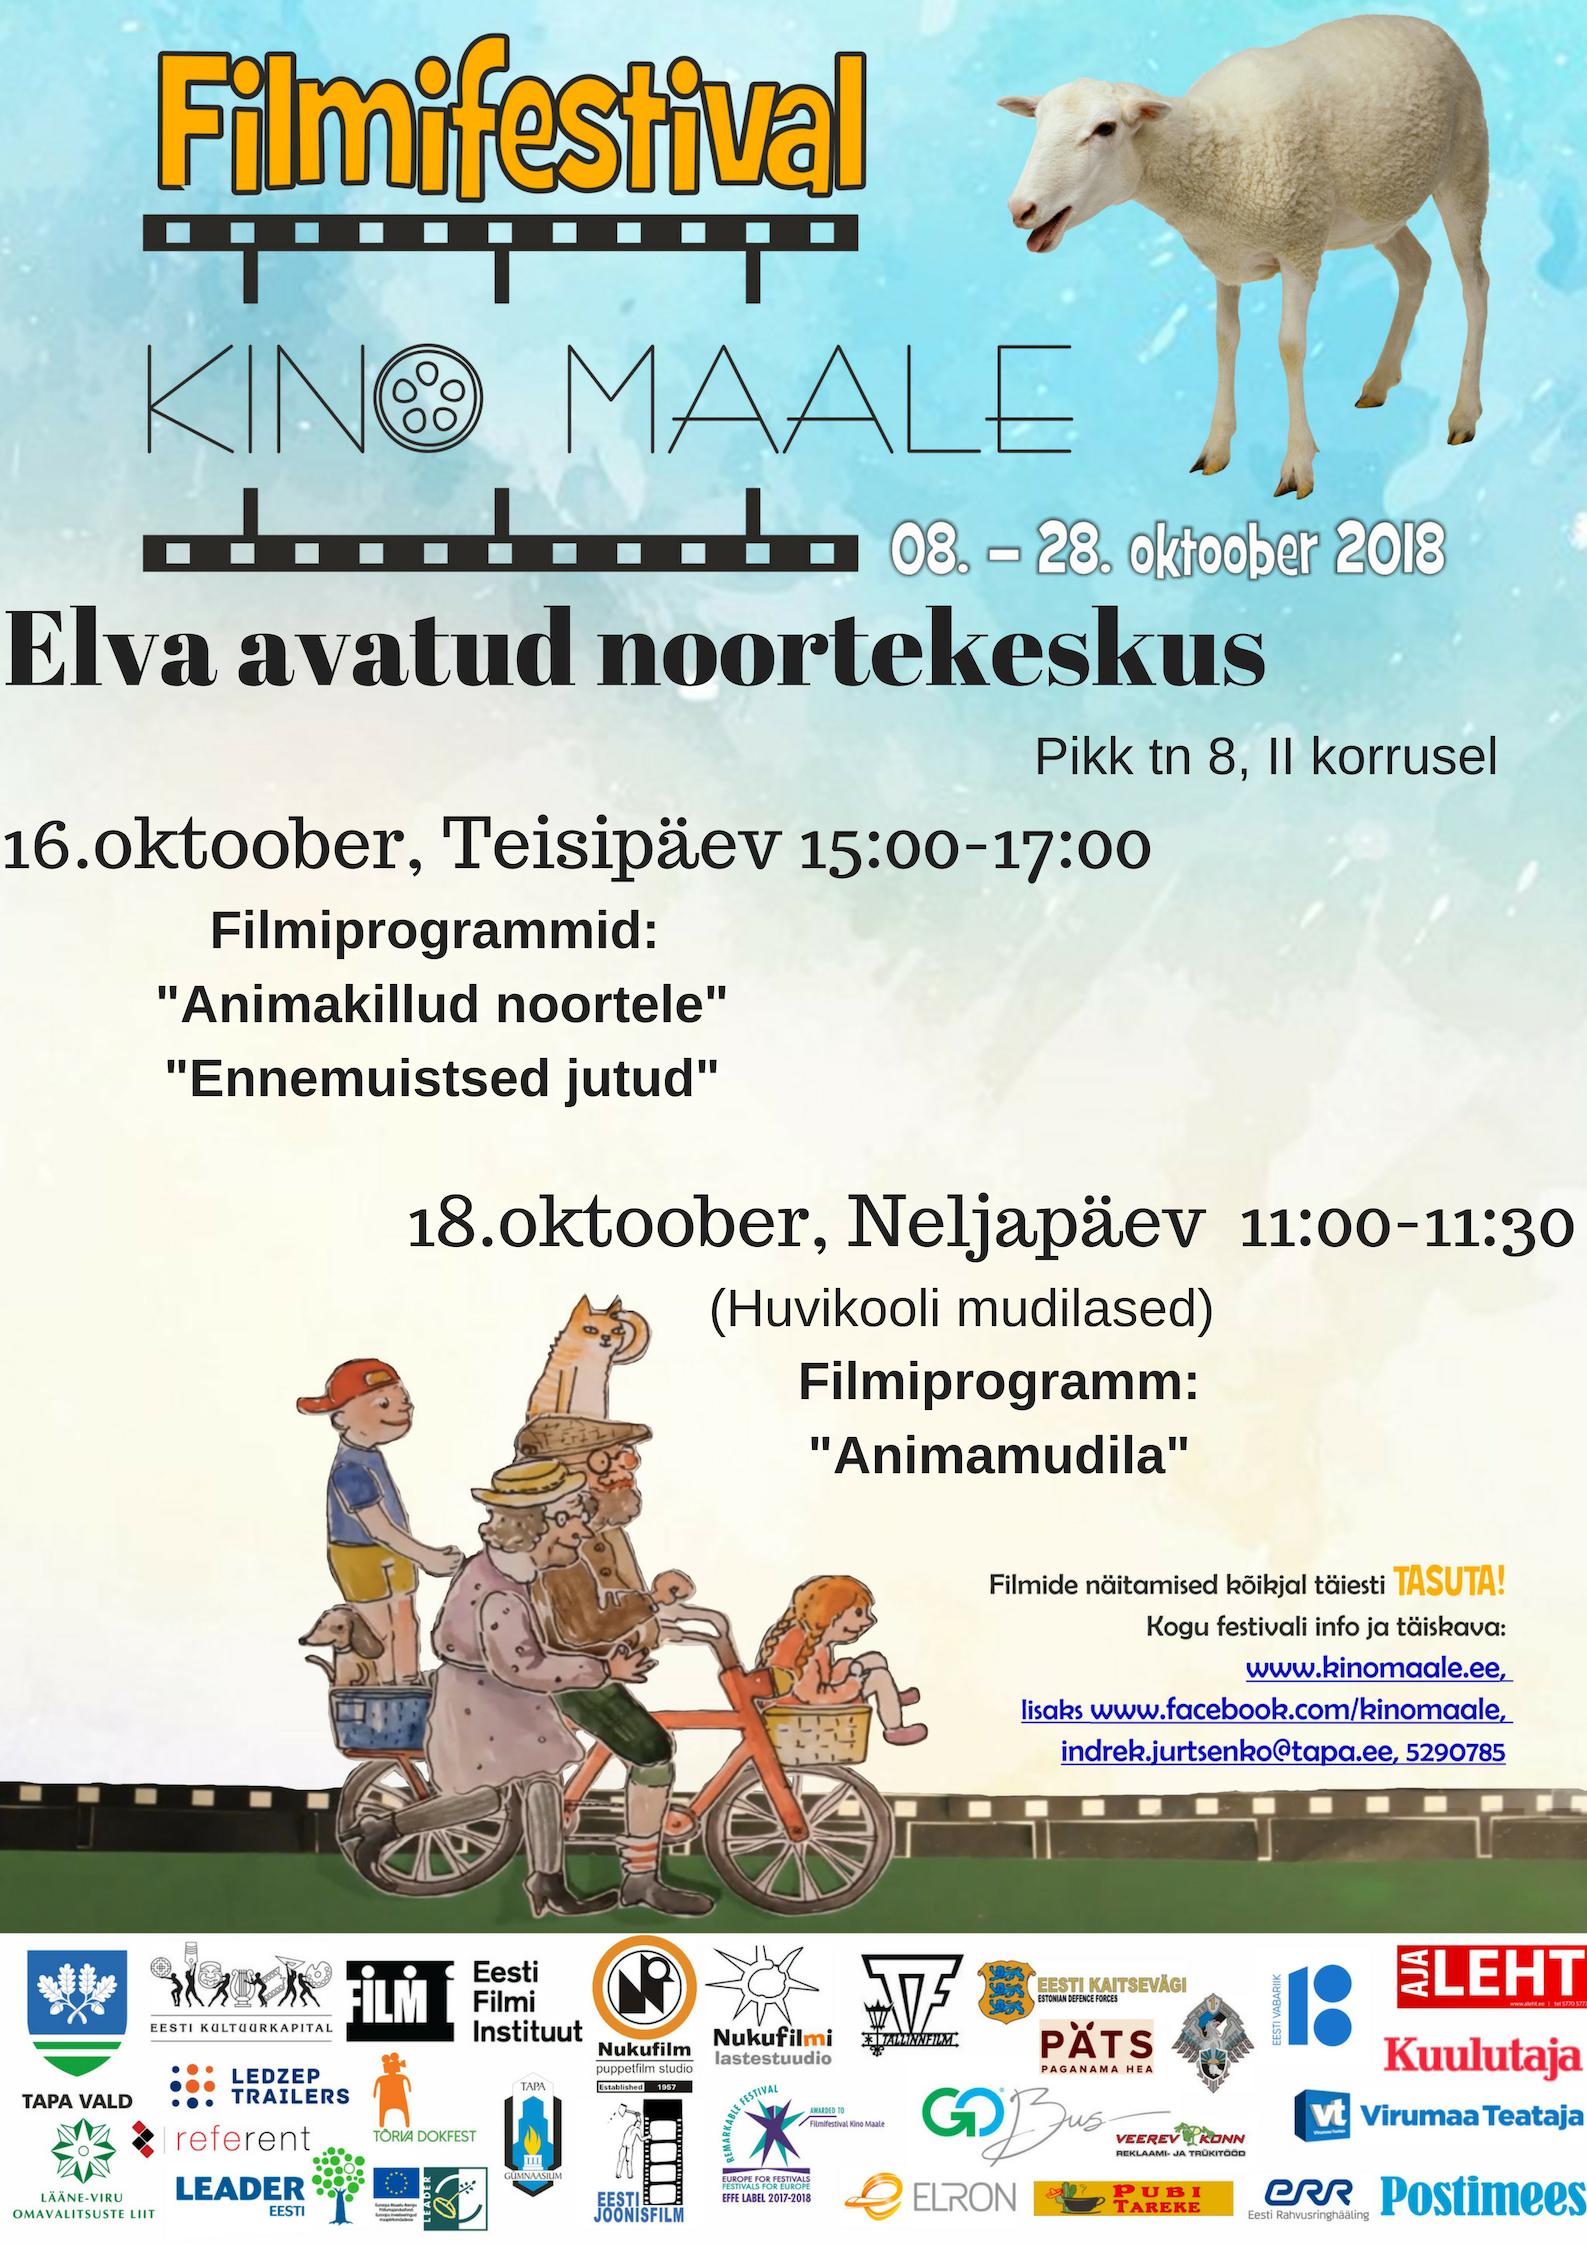 """Filmifestival """"Kino maale"""" jõuab ka Elva avatud noortekeskusesse"""